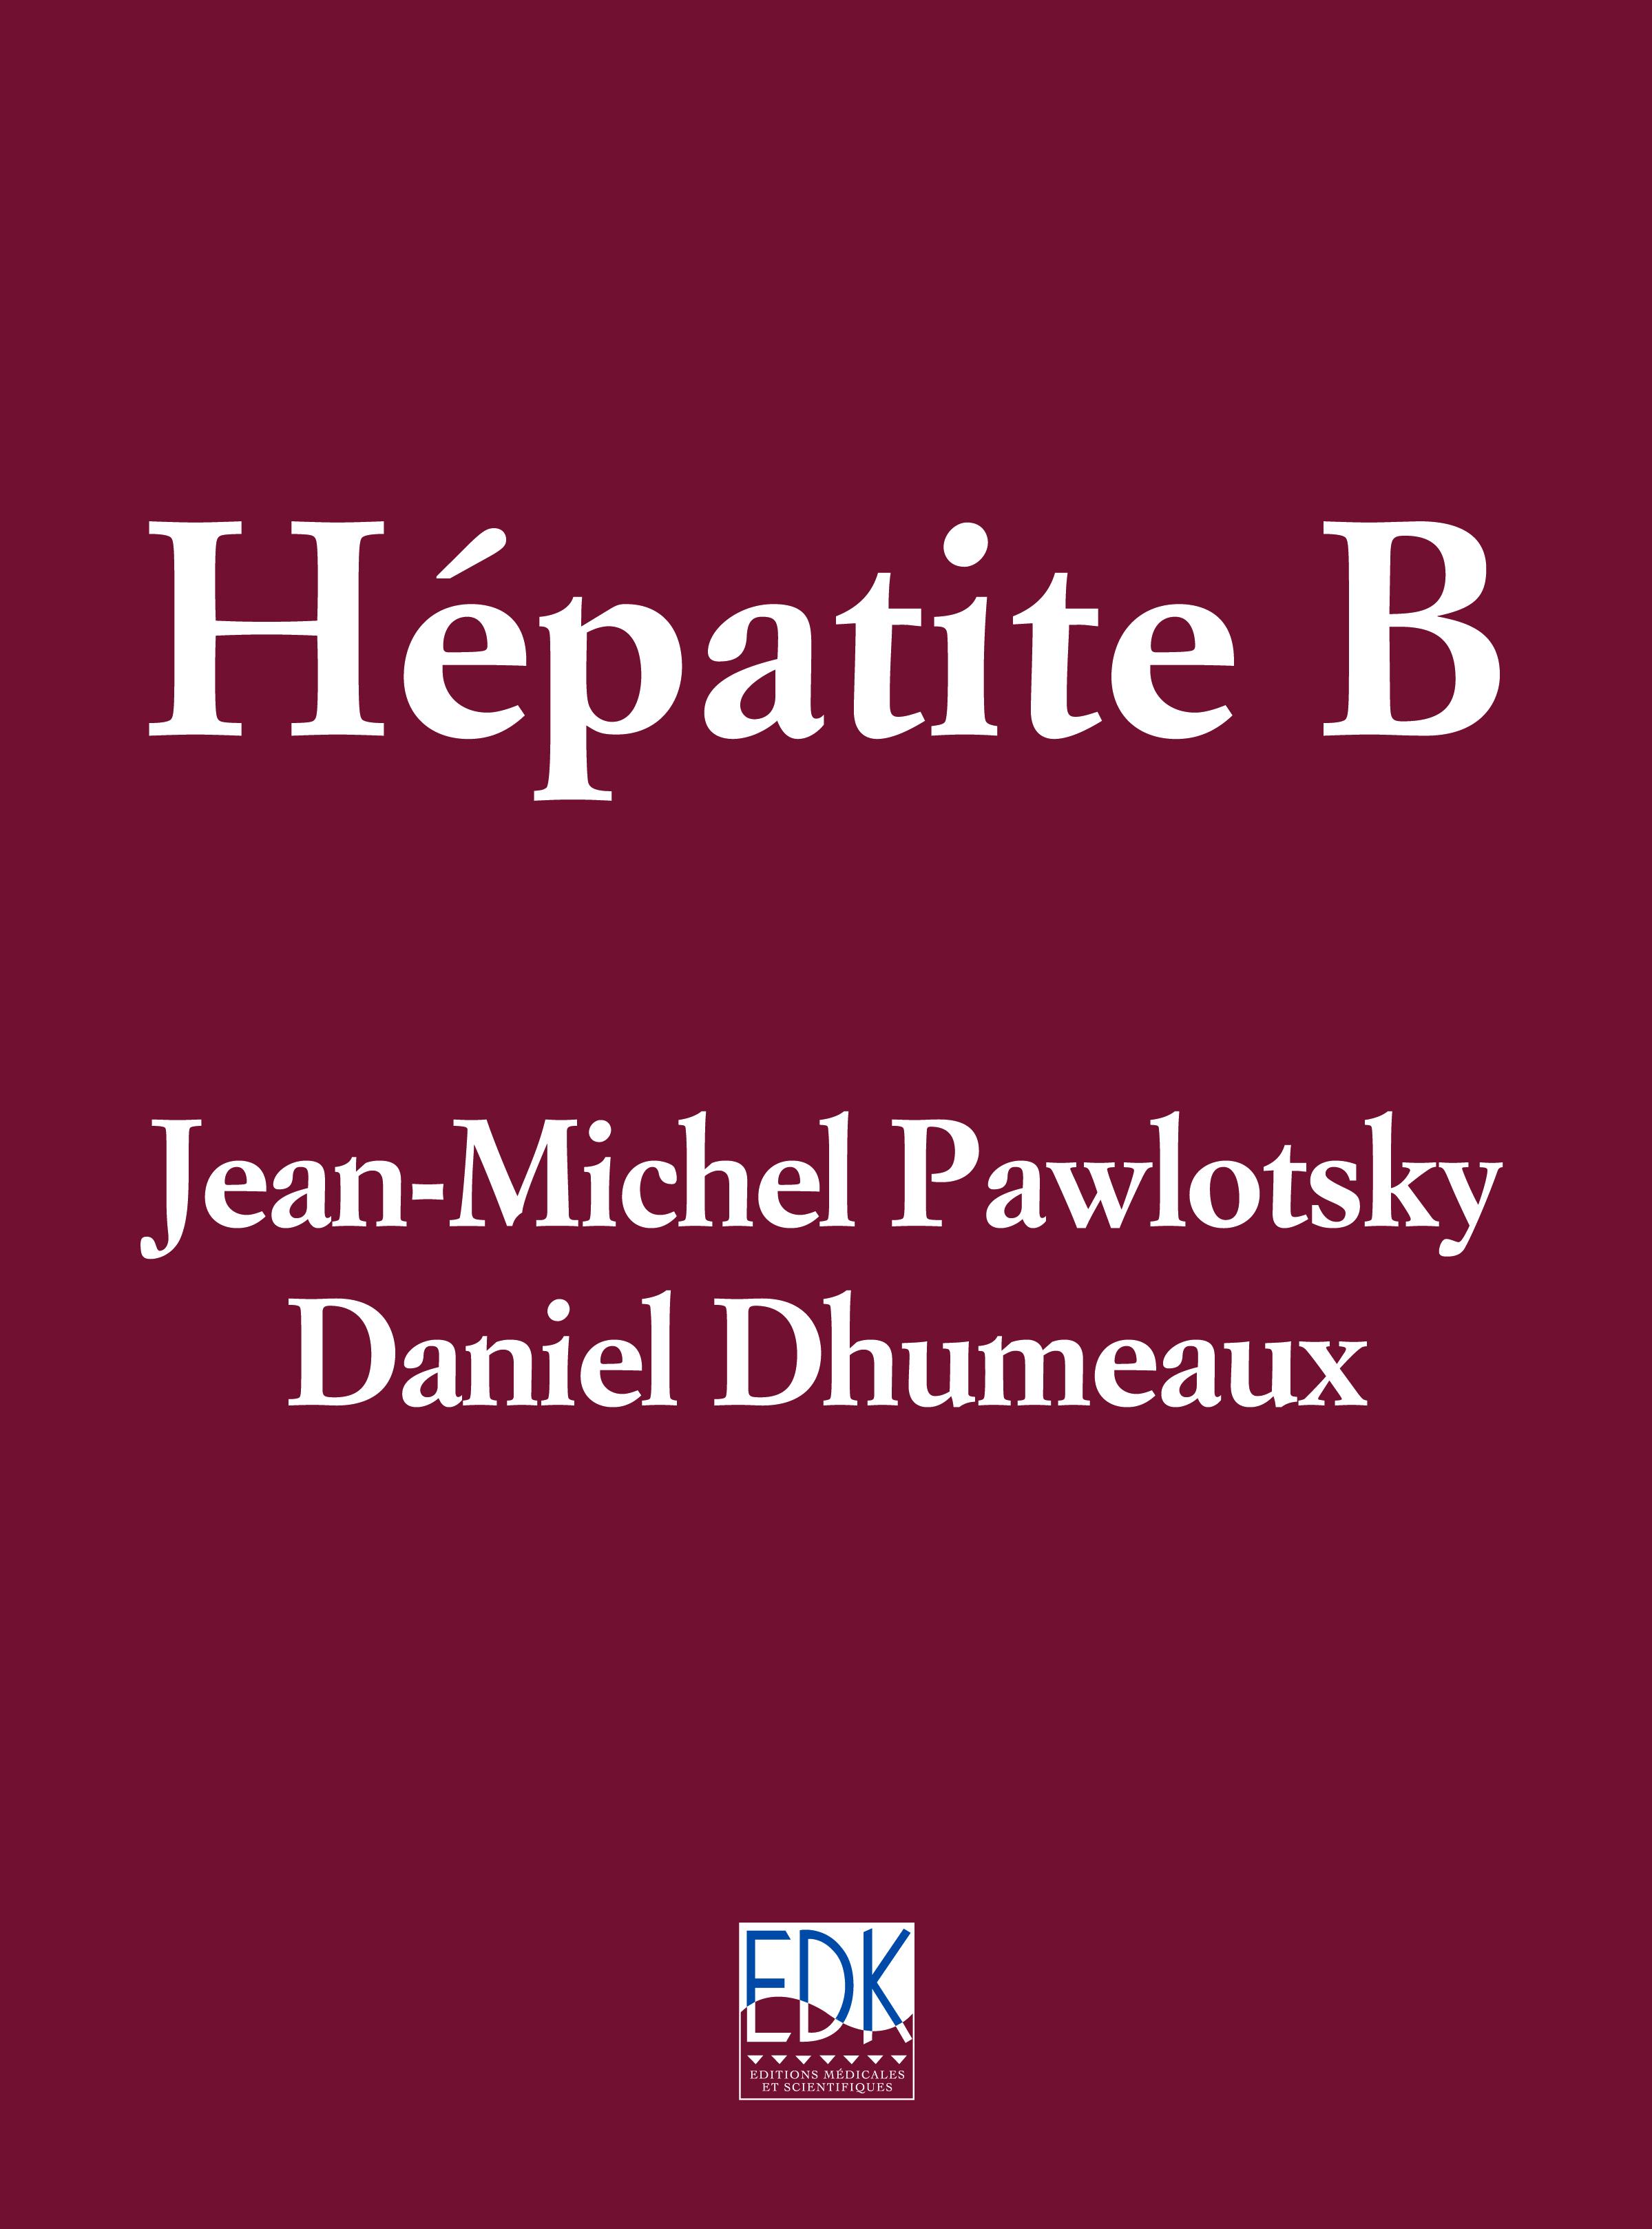 Hépatite B - De Jean-Michel Pawlotsky et Daniel Dhumeaux (EDP Sciences)